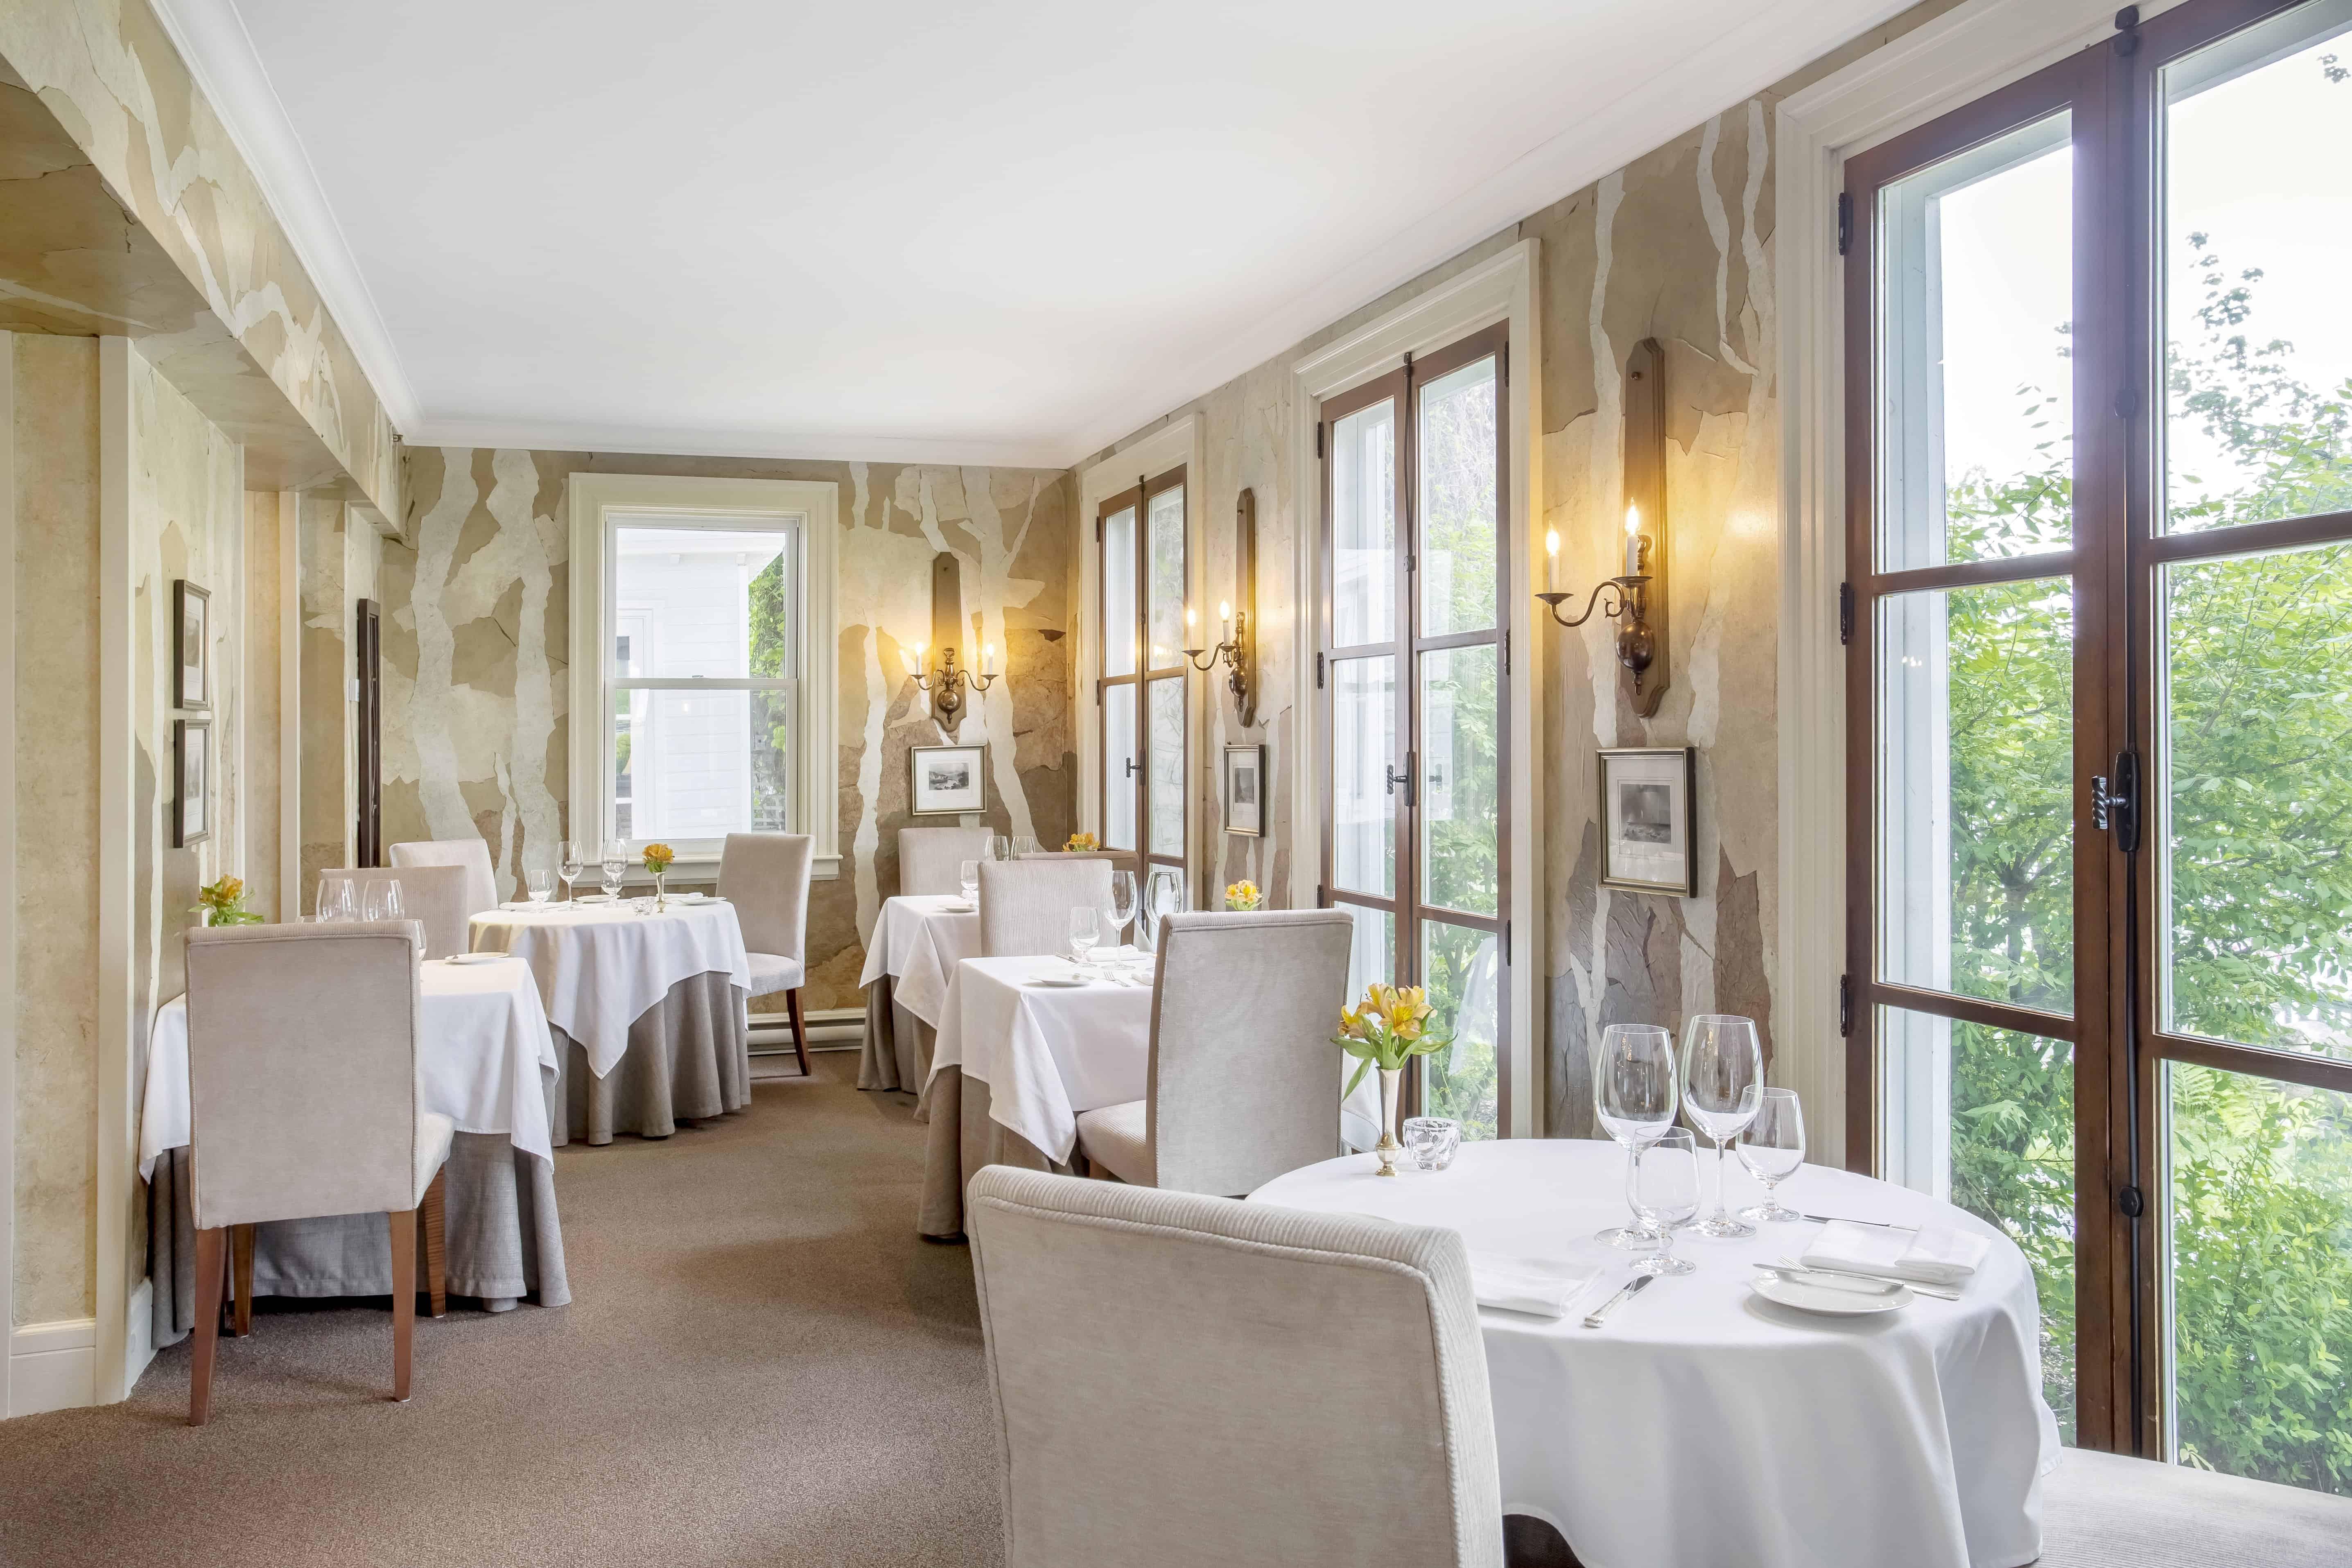 Restaurant Le Hatley - North Hatley